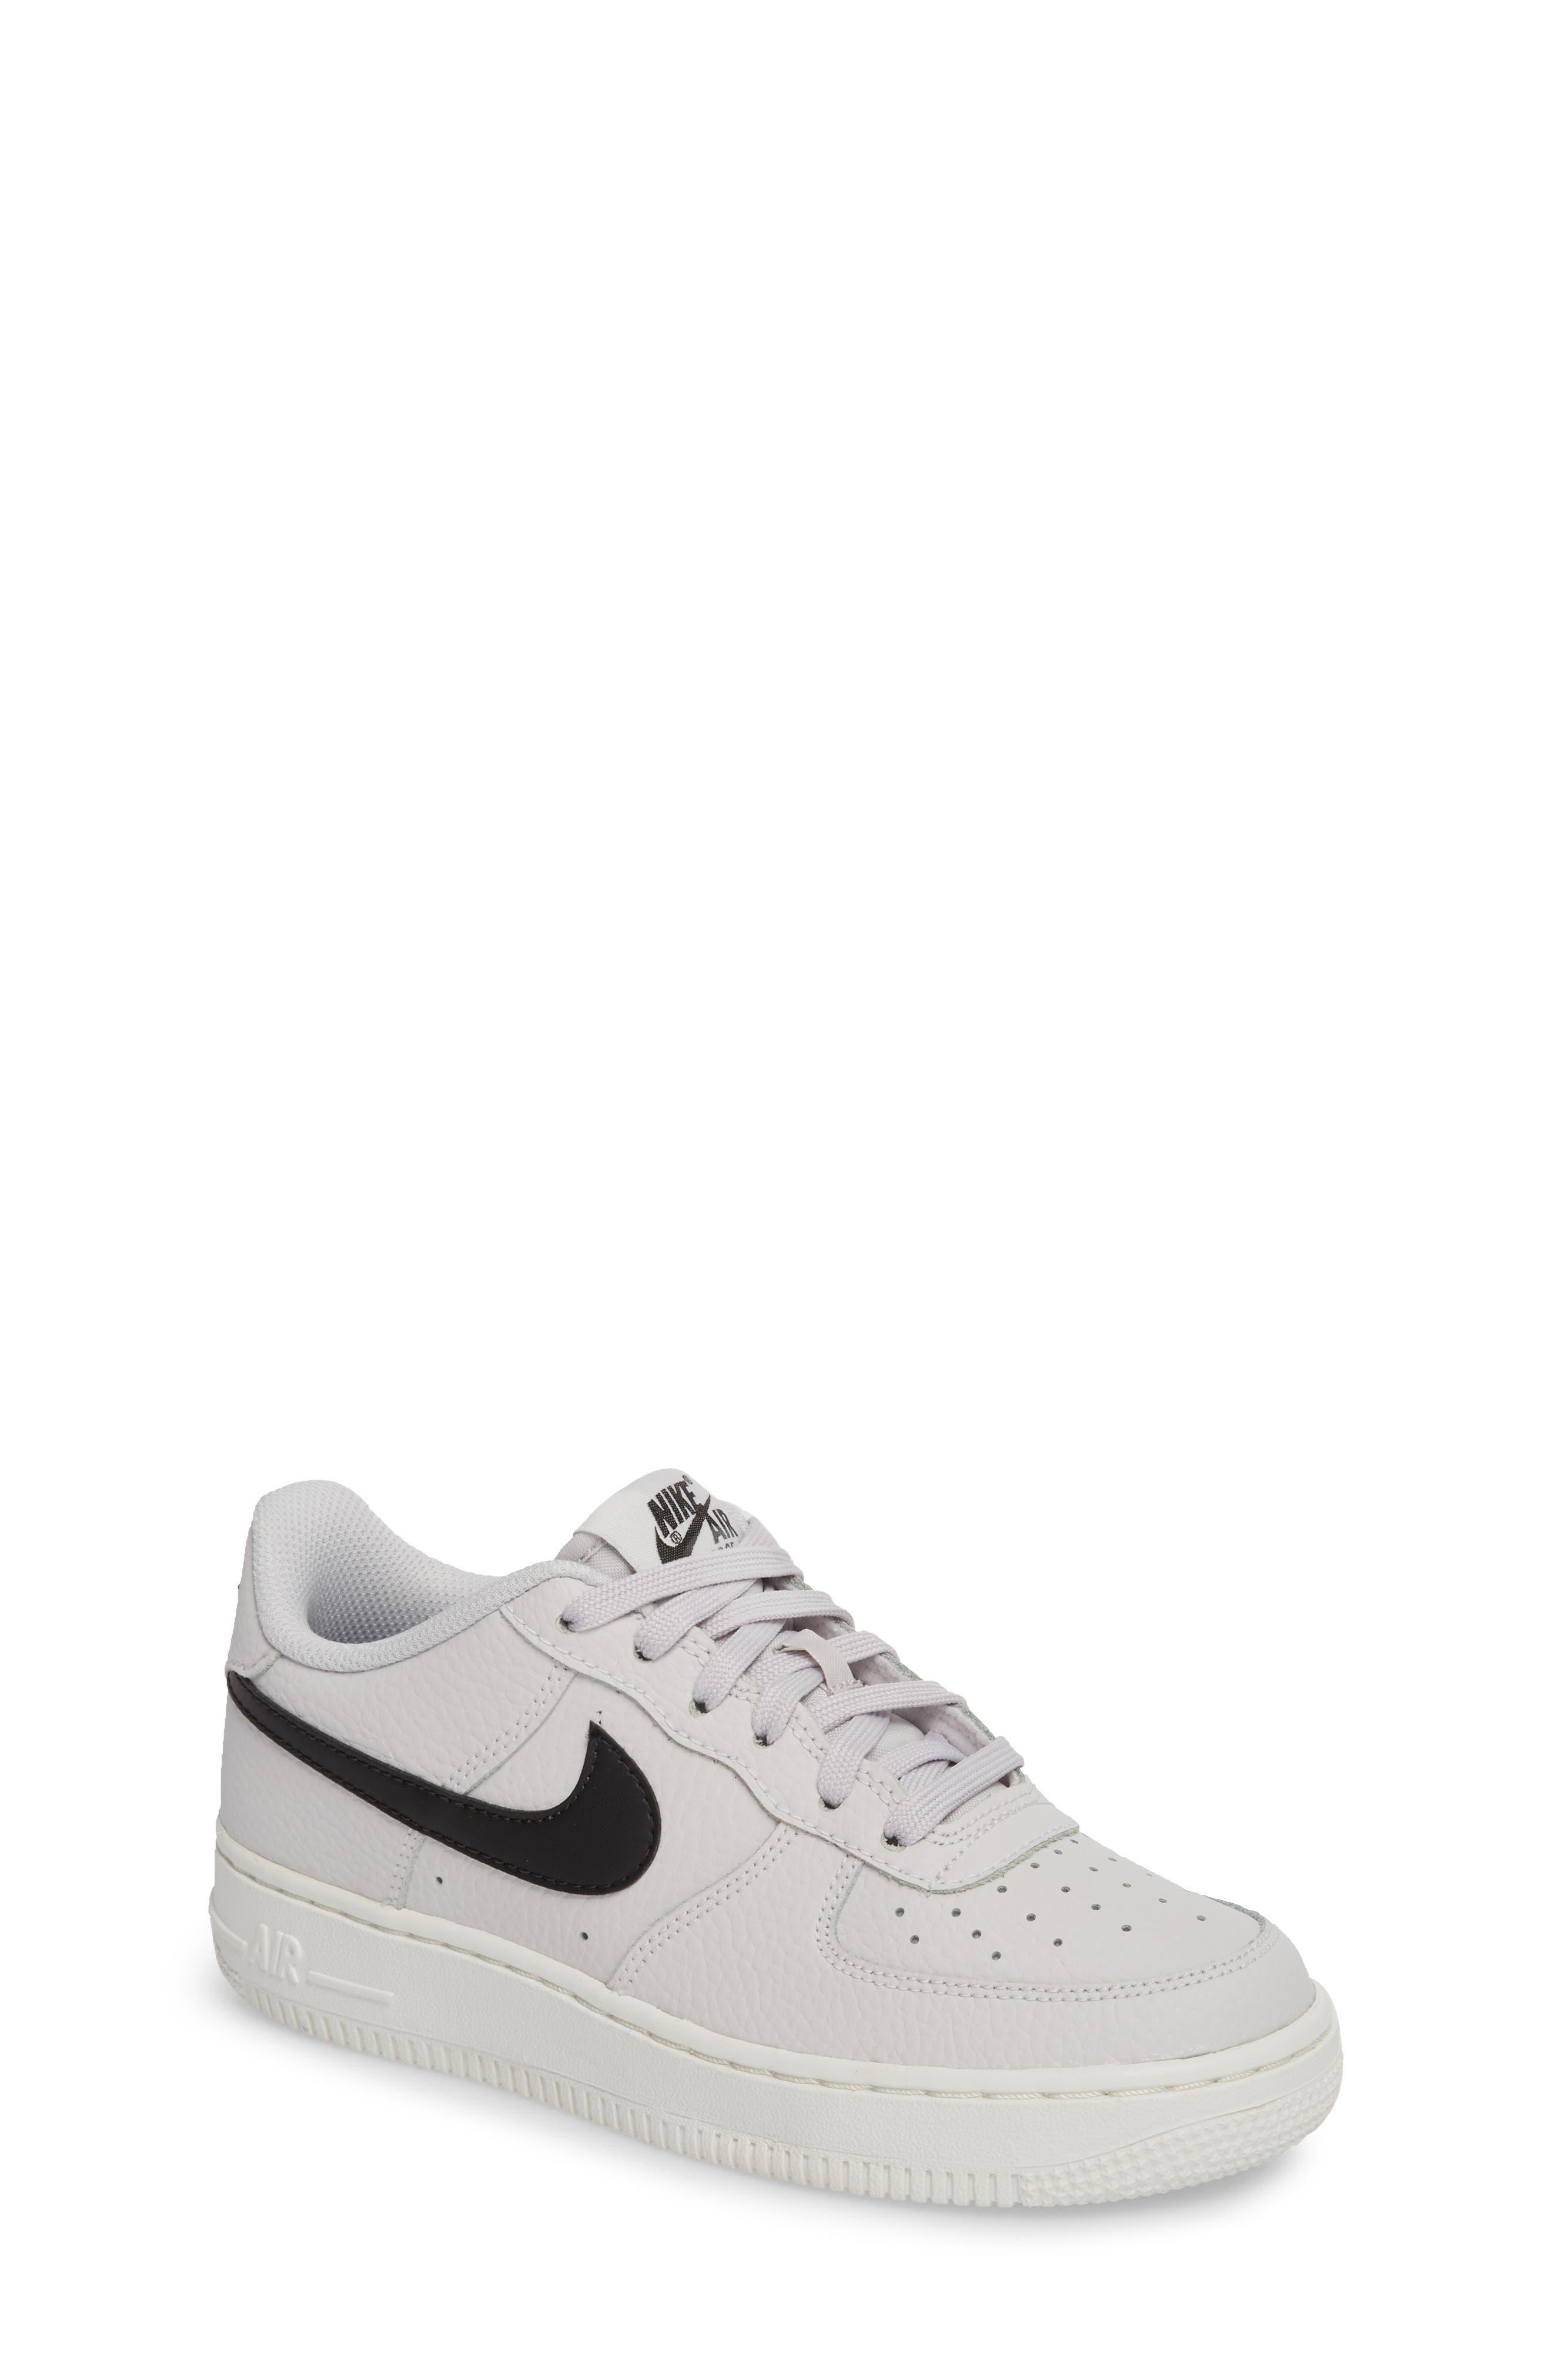 Main Image - Nike Air Force 1 Sneaker (Big Kid)